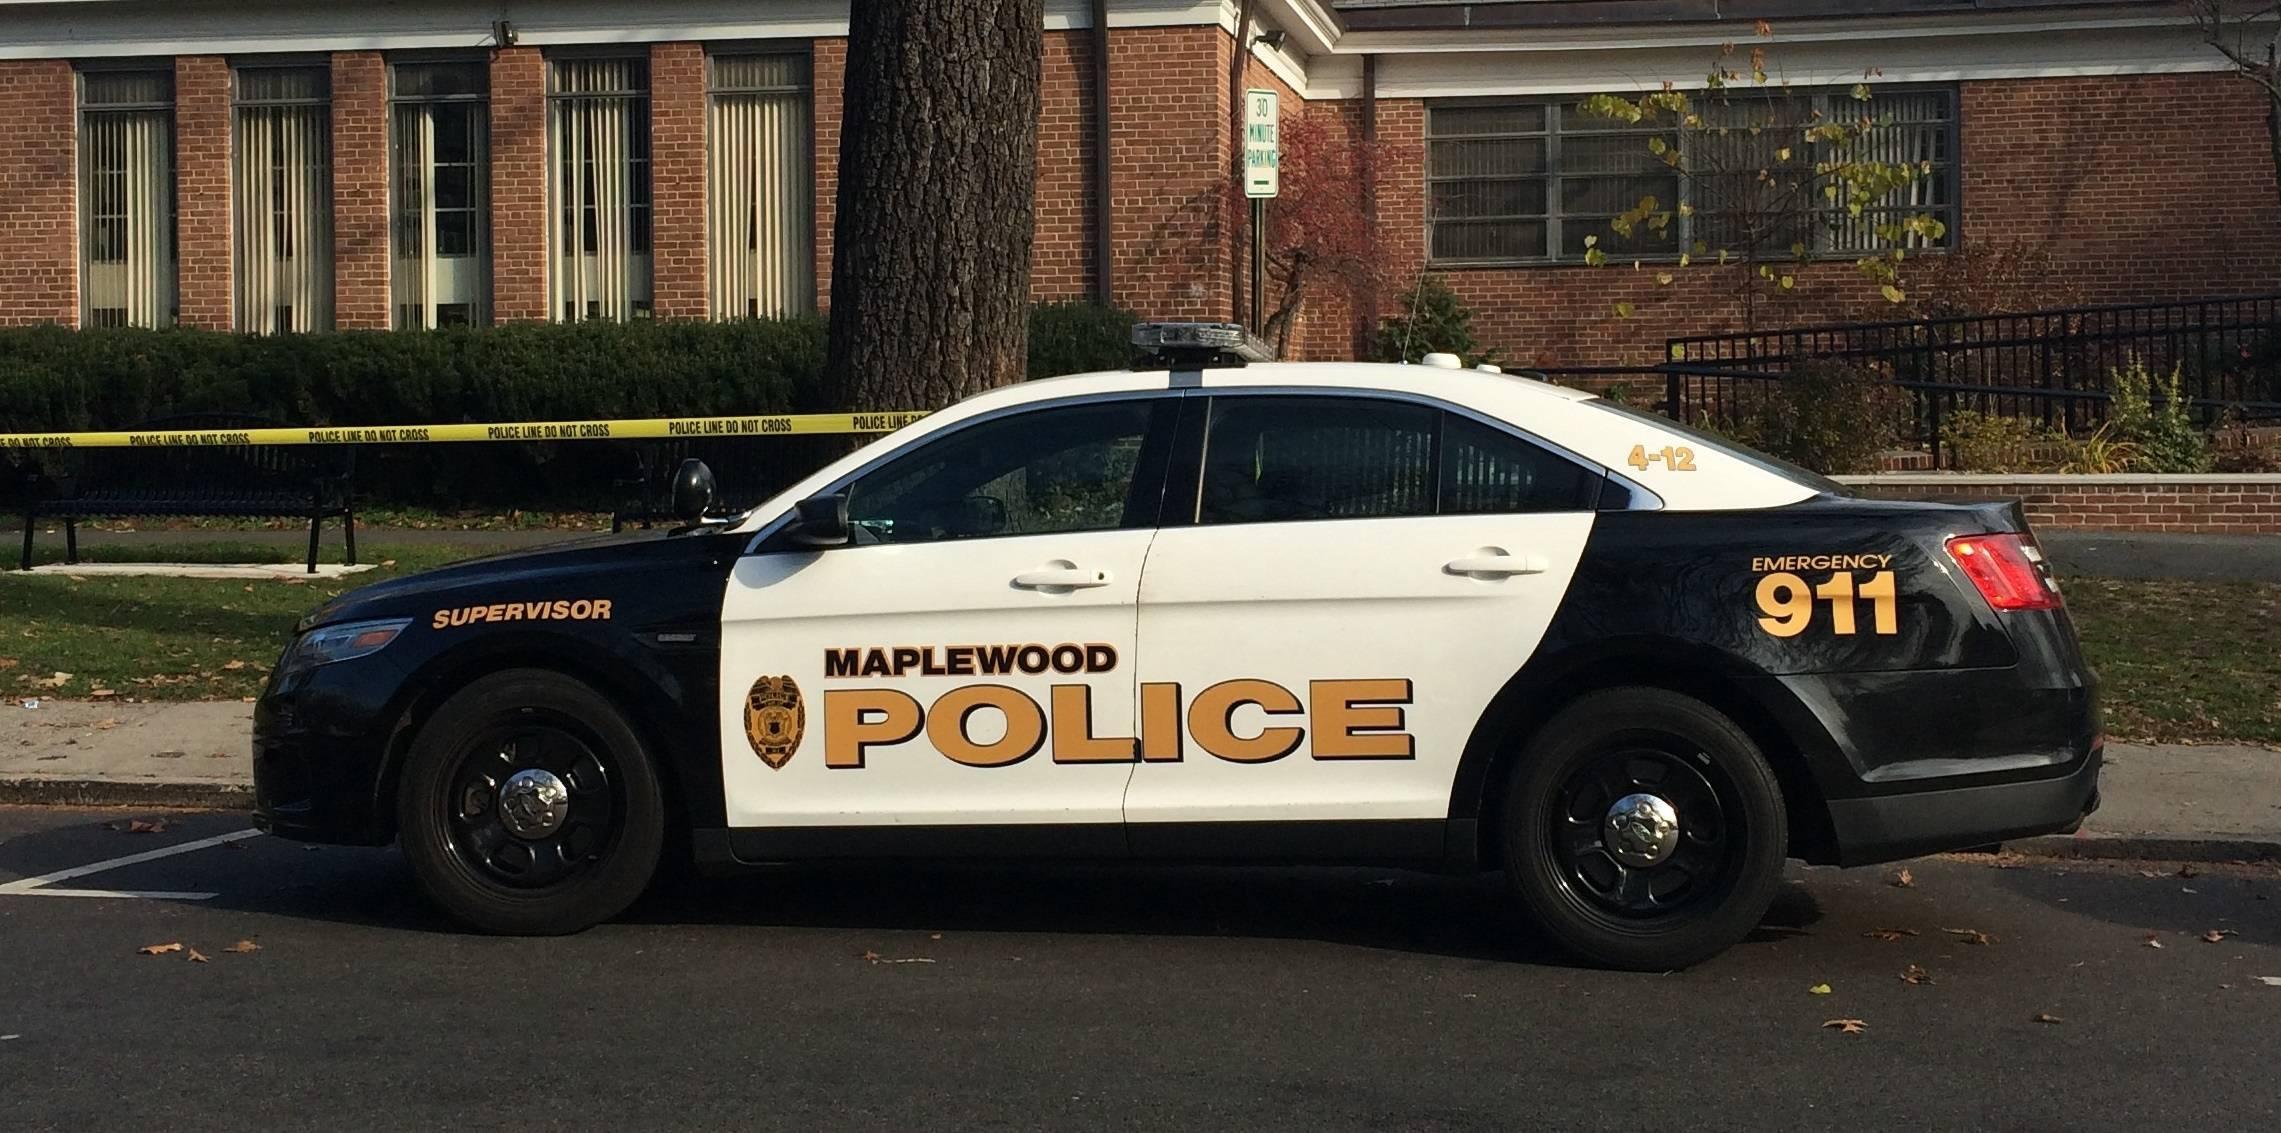 f9bbc01833bdc79a9ba5_Maplewood_police_car_h.jpg